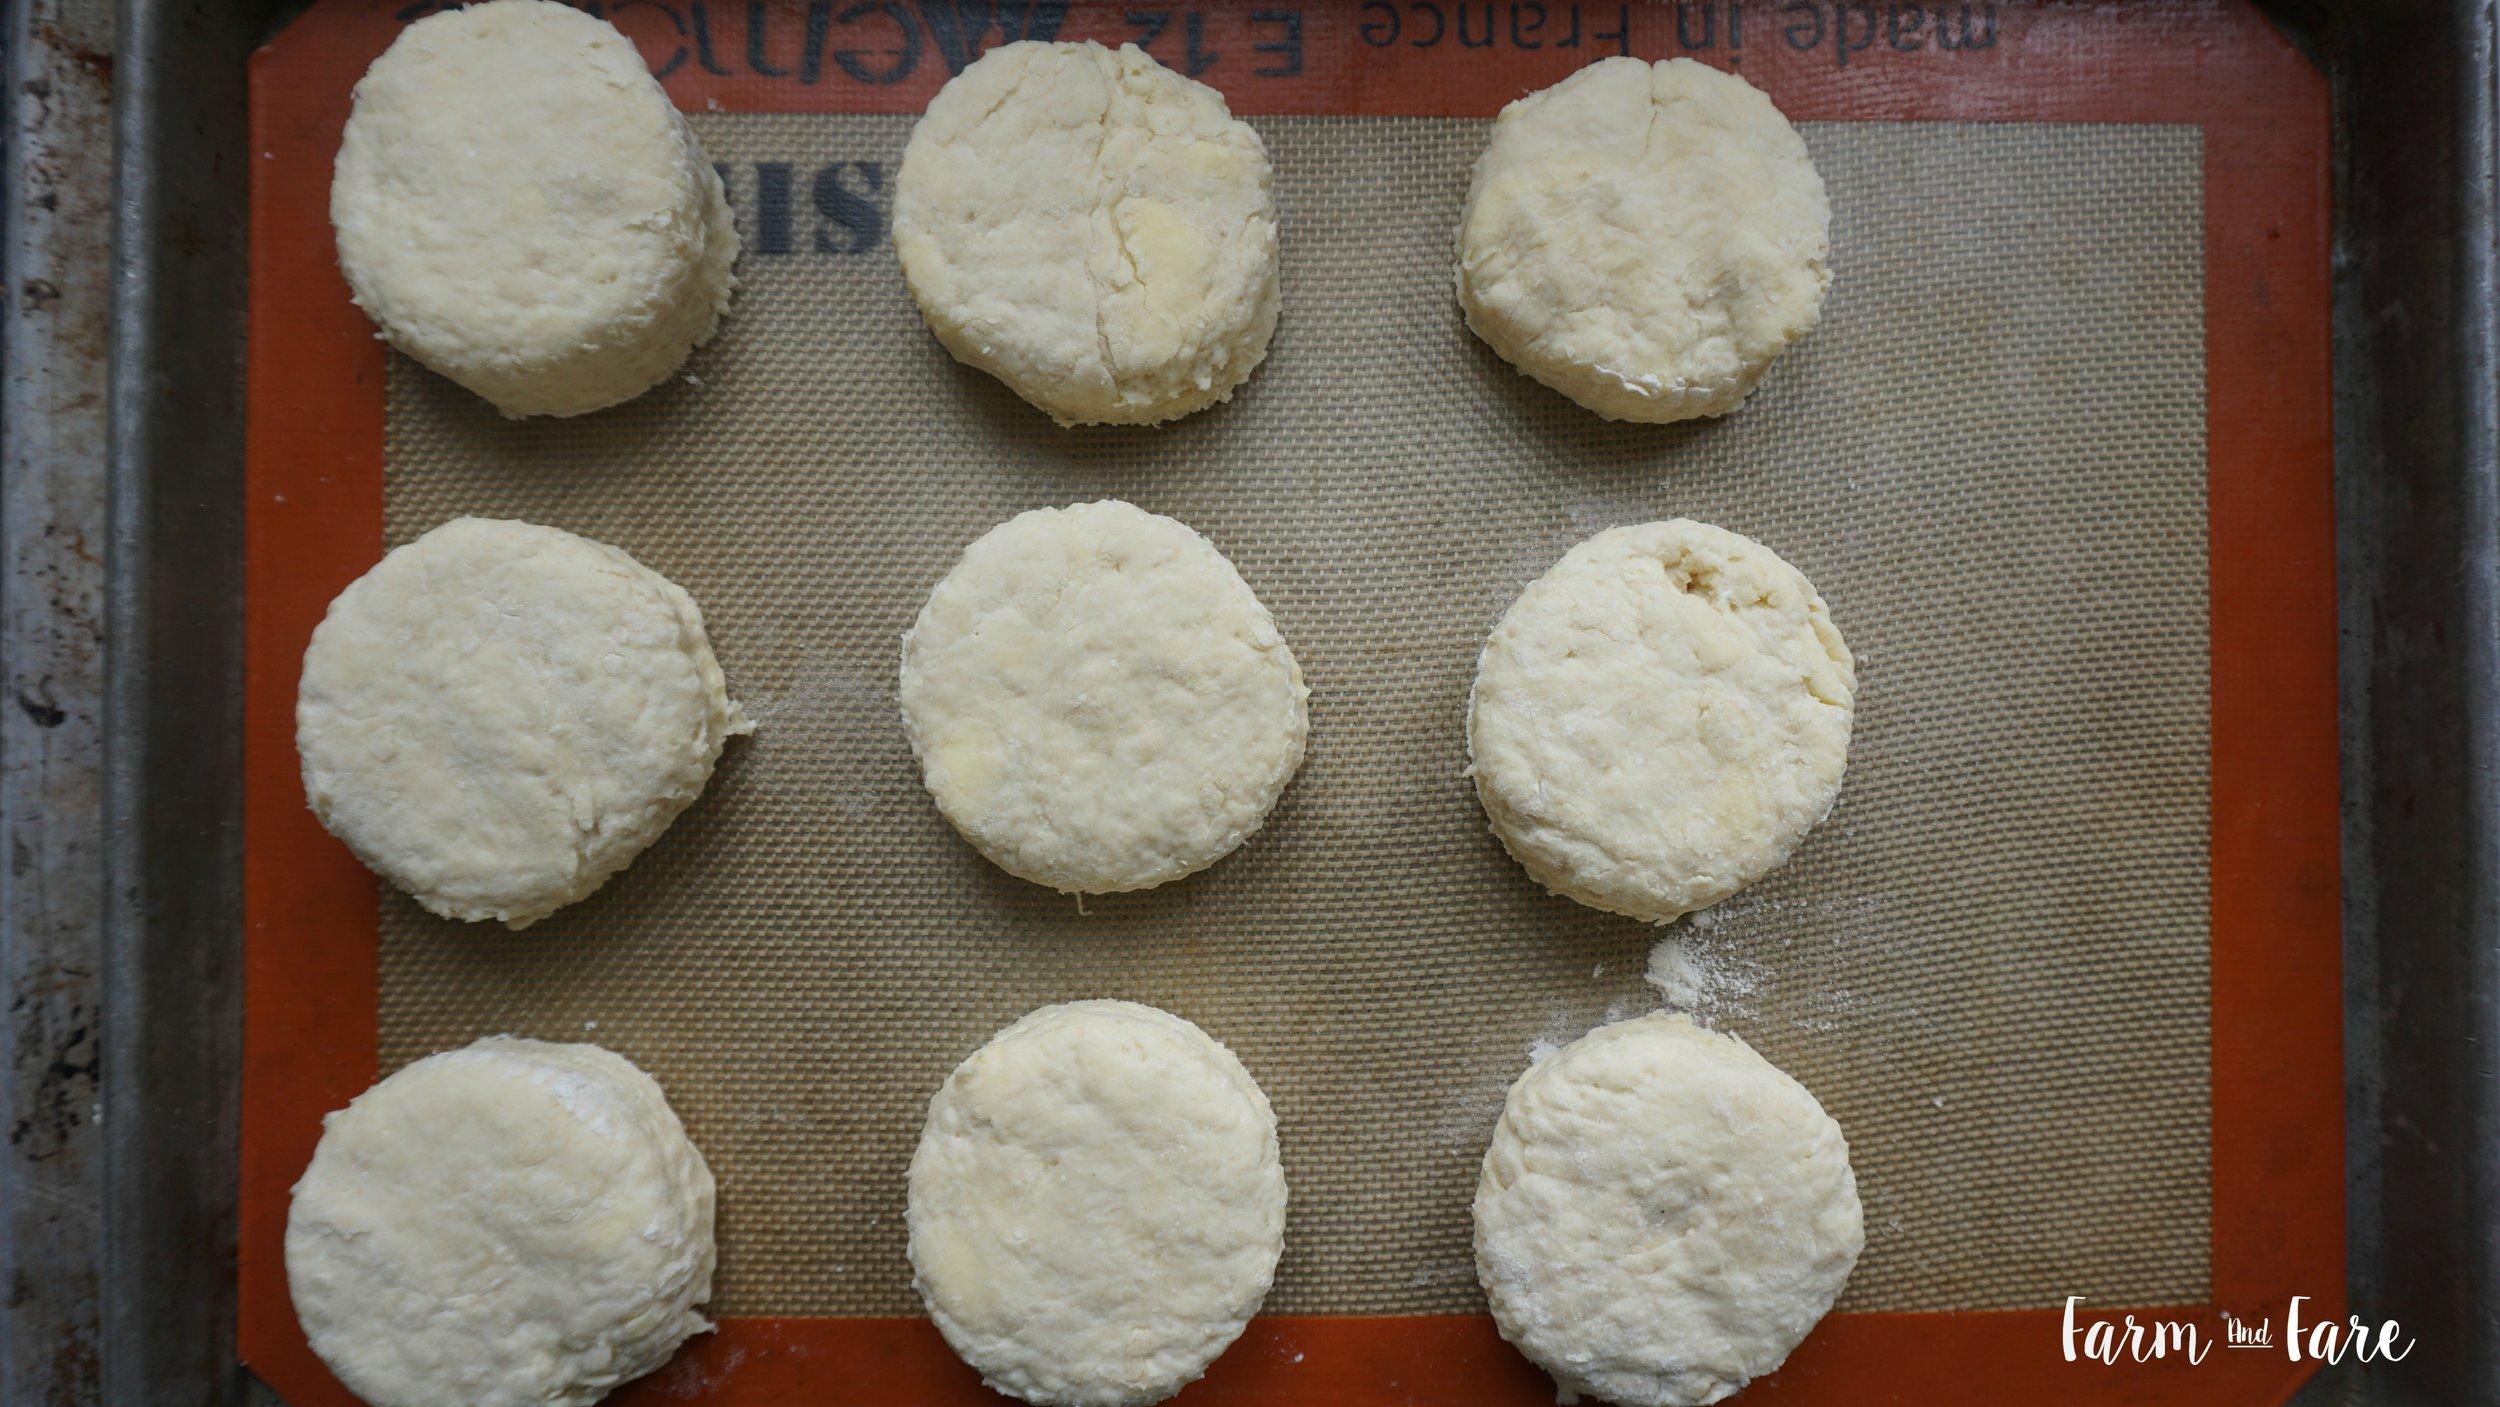 biscuit14.jpg